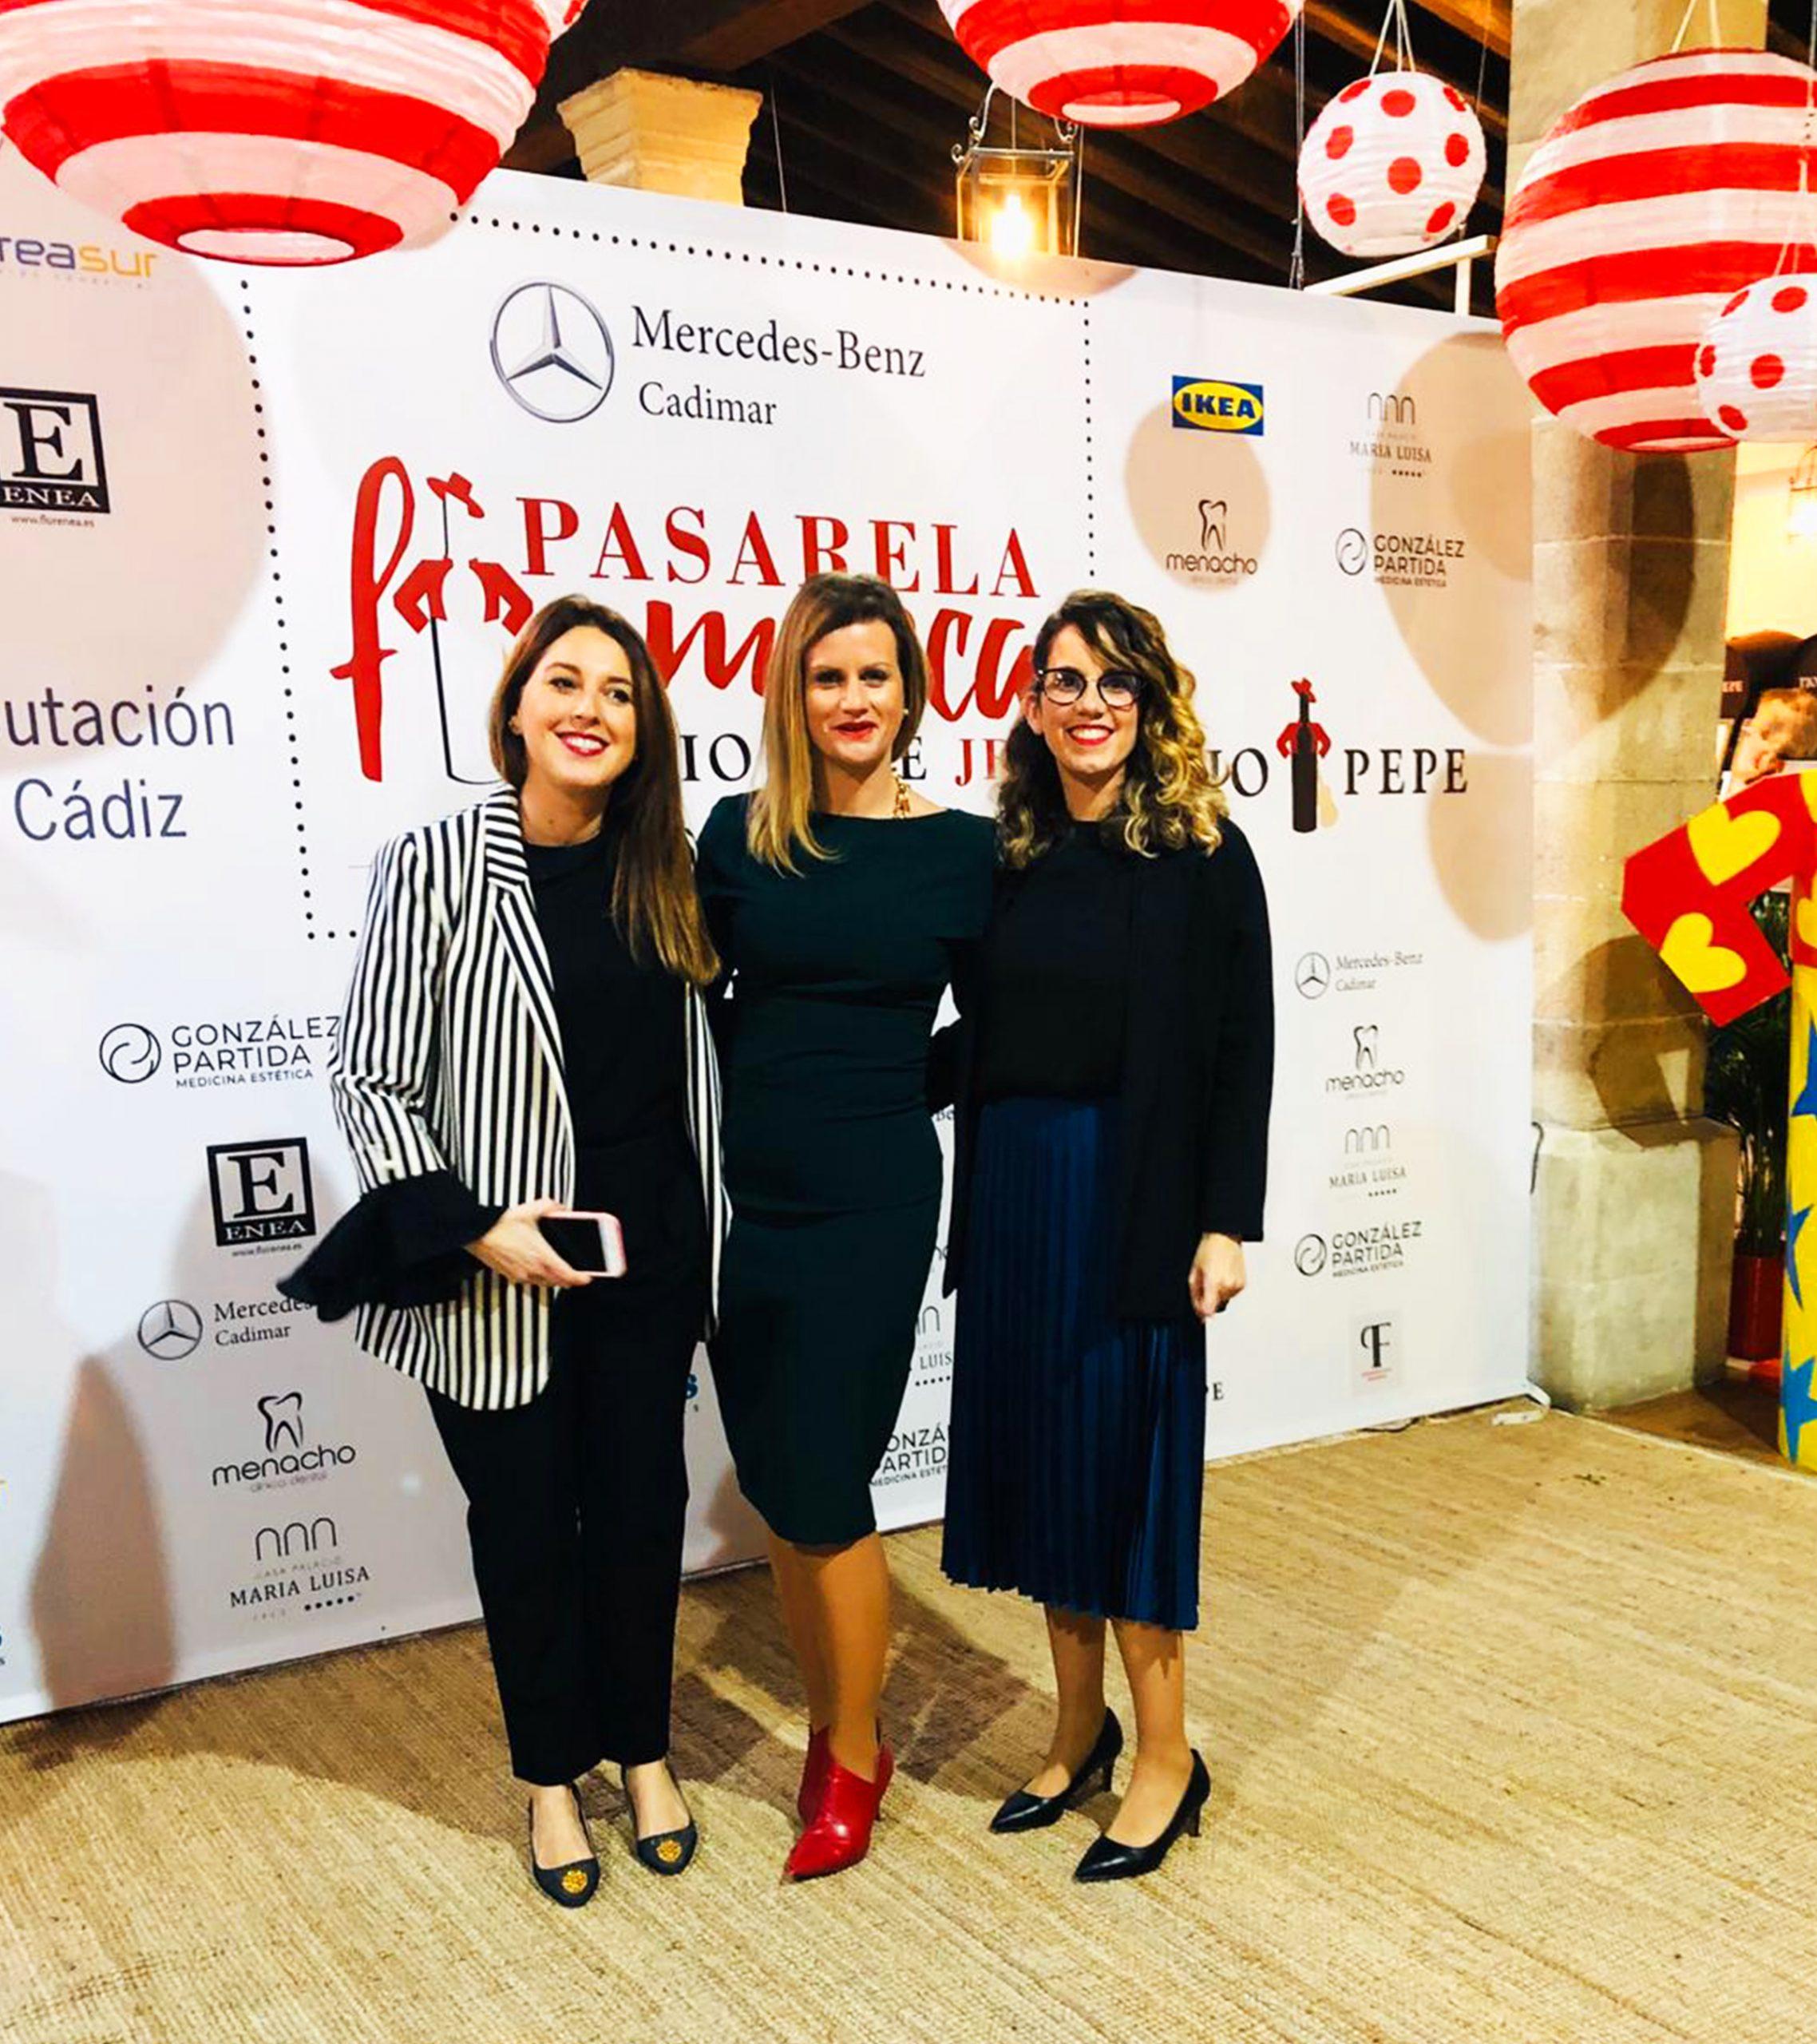 INICIO_PASARELA_2020-scaled